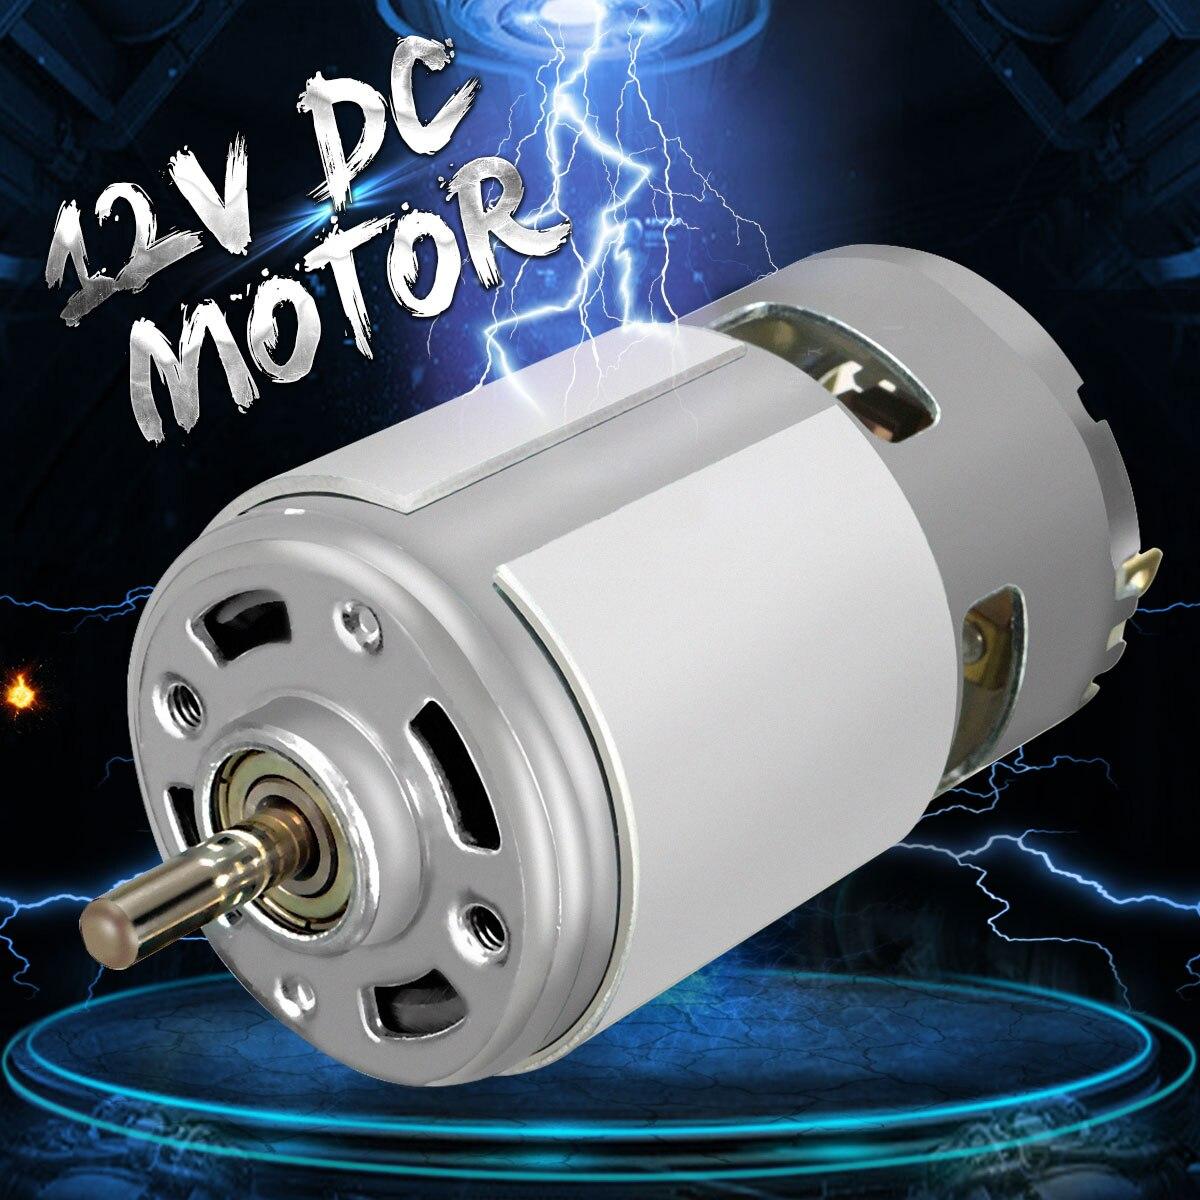 DC 12 v 150 watt 13000 ~ 15000 rpm 775 motor High speed Große drehmoment DC motor Elektrische werkzeug Elektrische maschinen